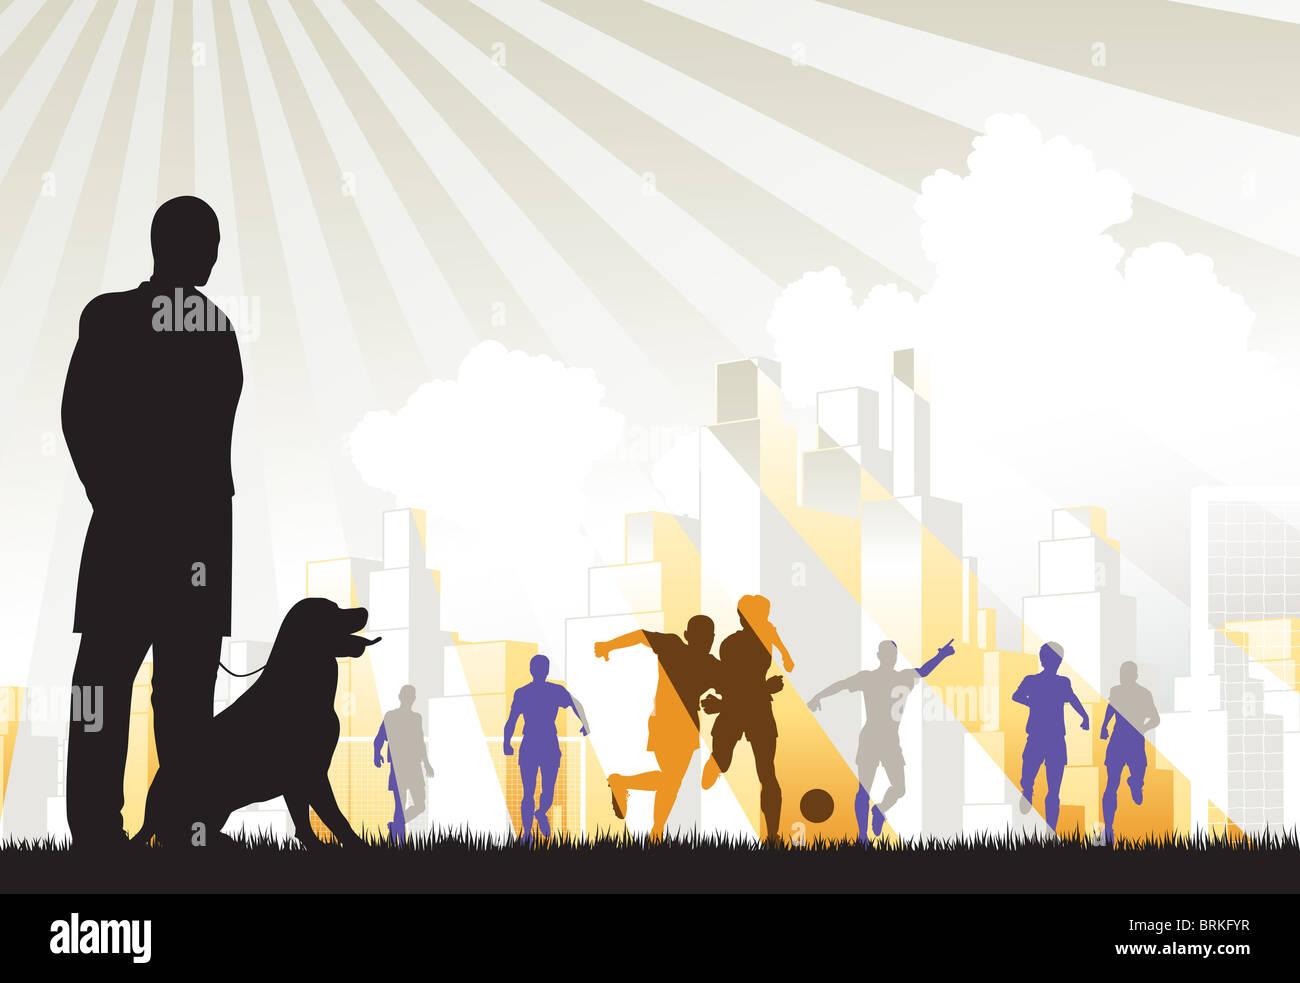 Ilustración de un hombre viendo futbolistas Imagen De Stock